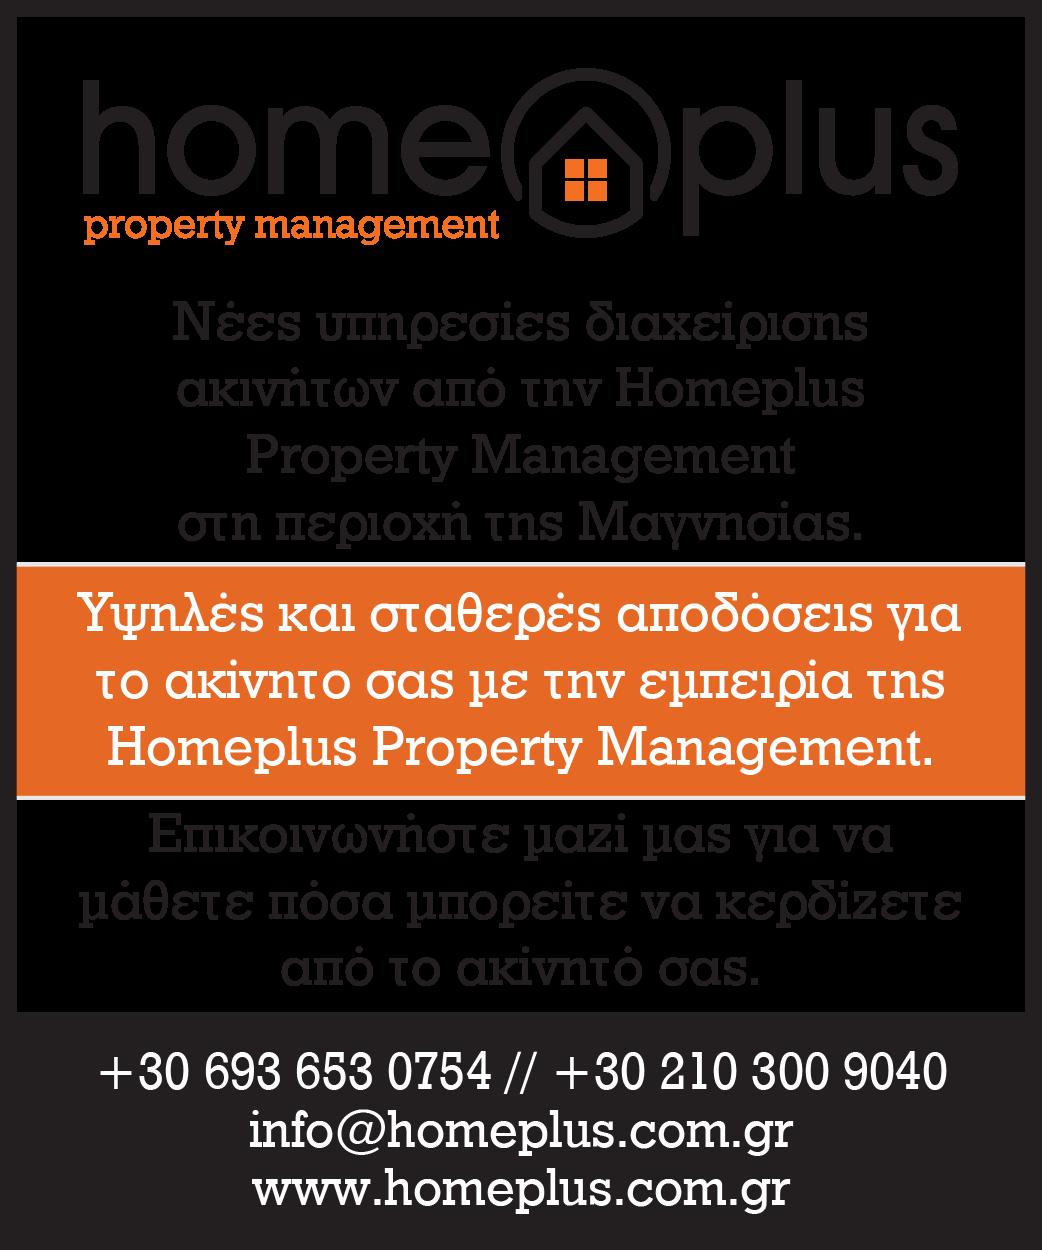 http://www.homeplus.com.gr/